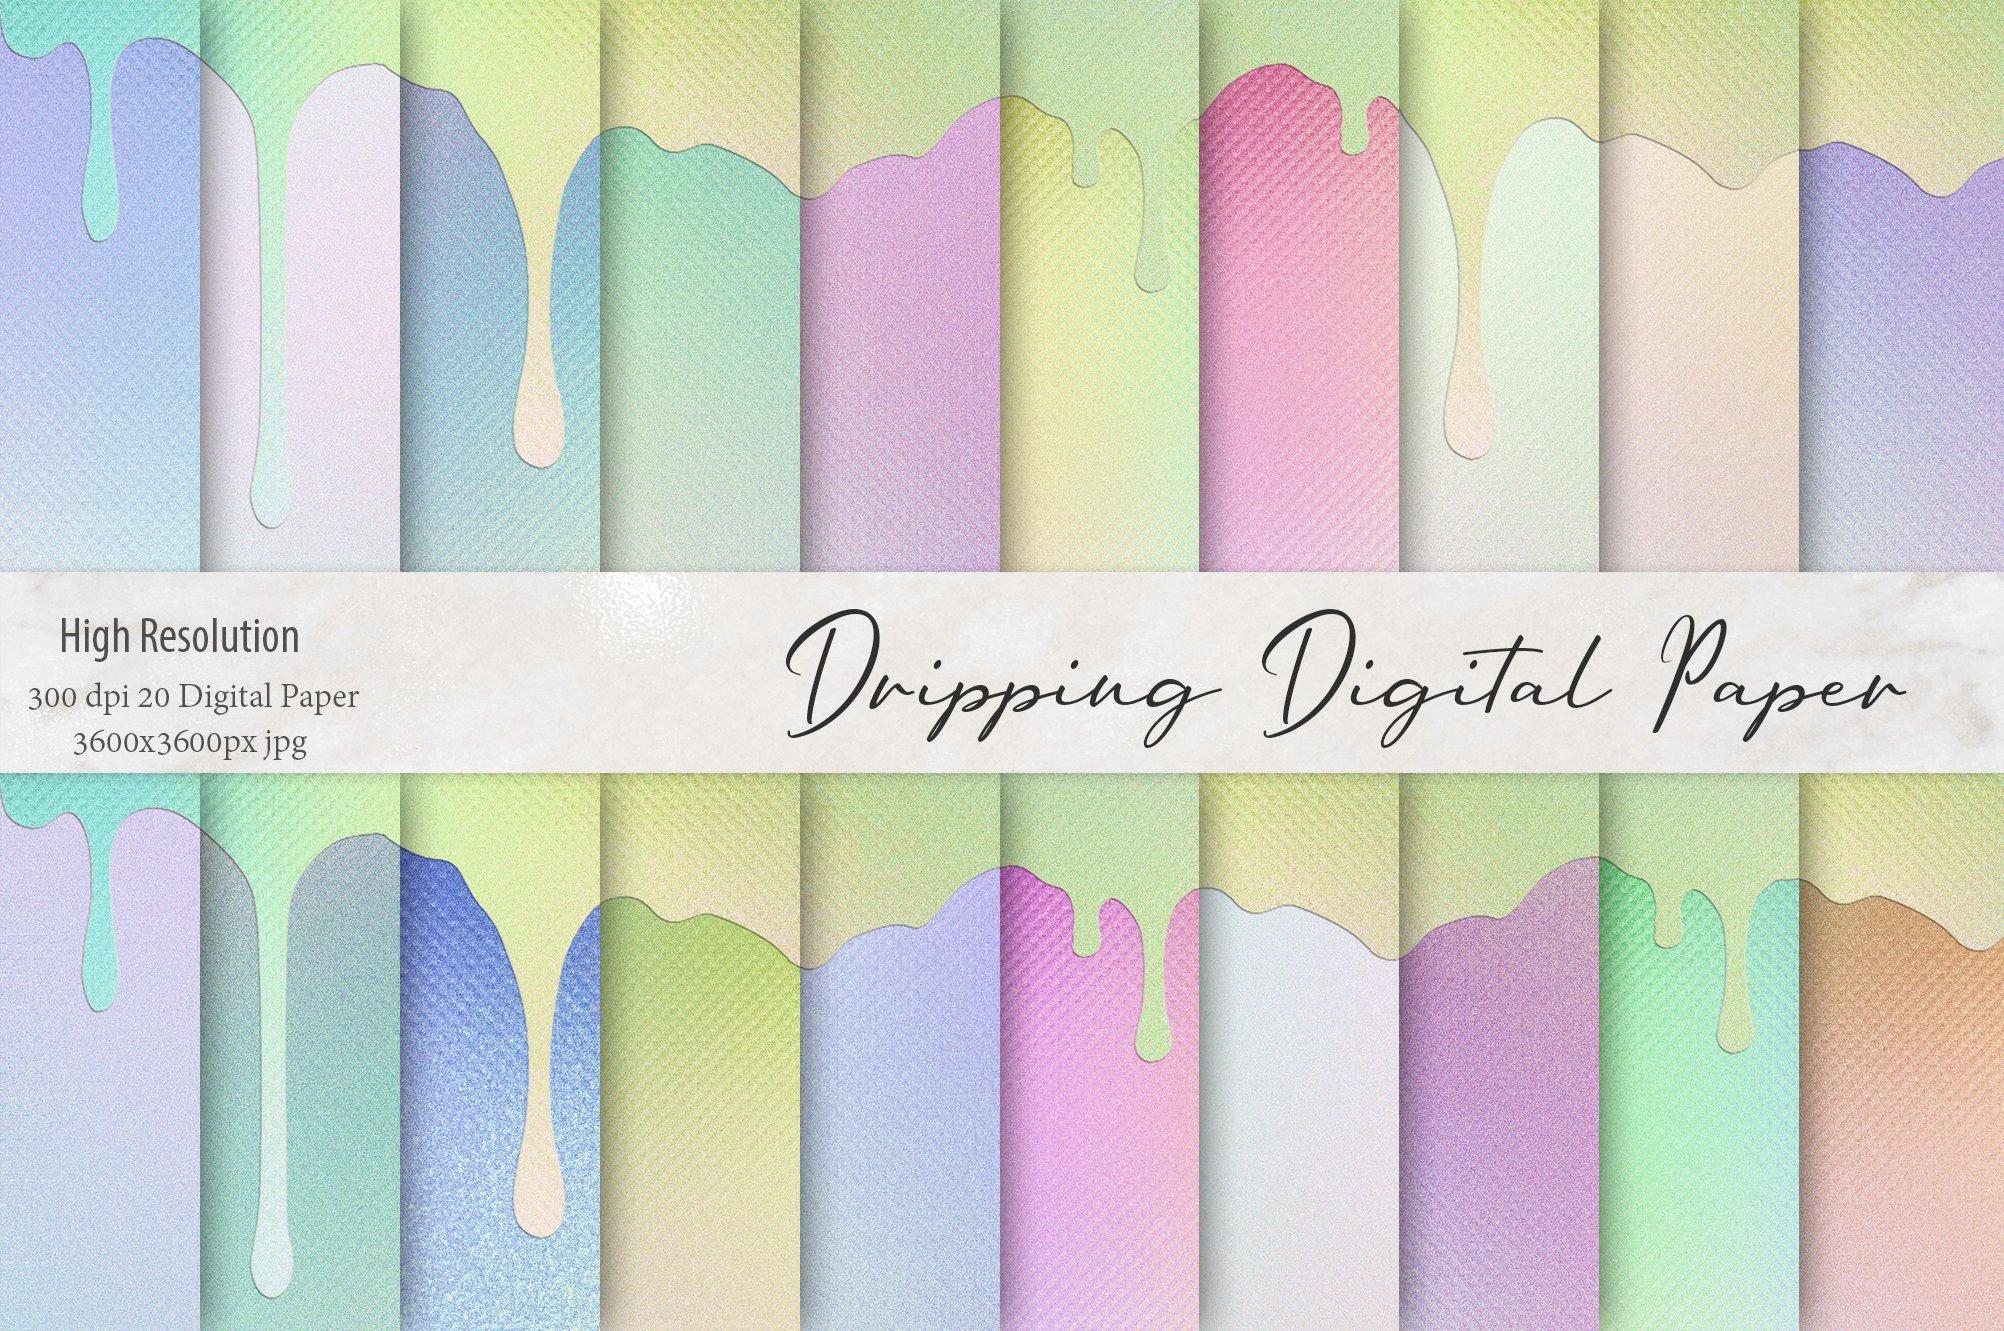 20款高清水滴虹彩海报设计背景纹理图片素材 Dripping Iridescent Textures插图